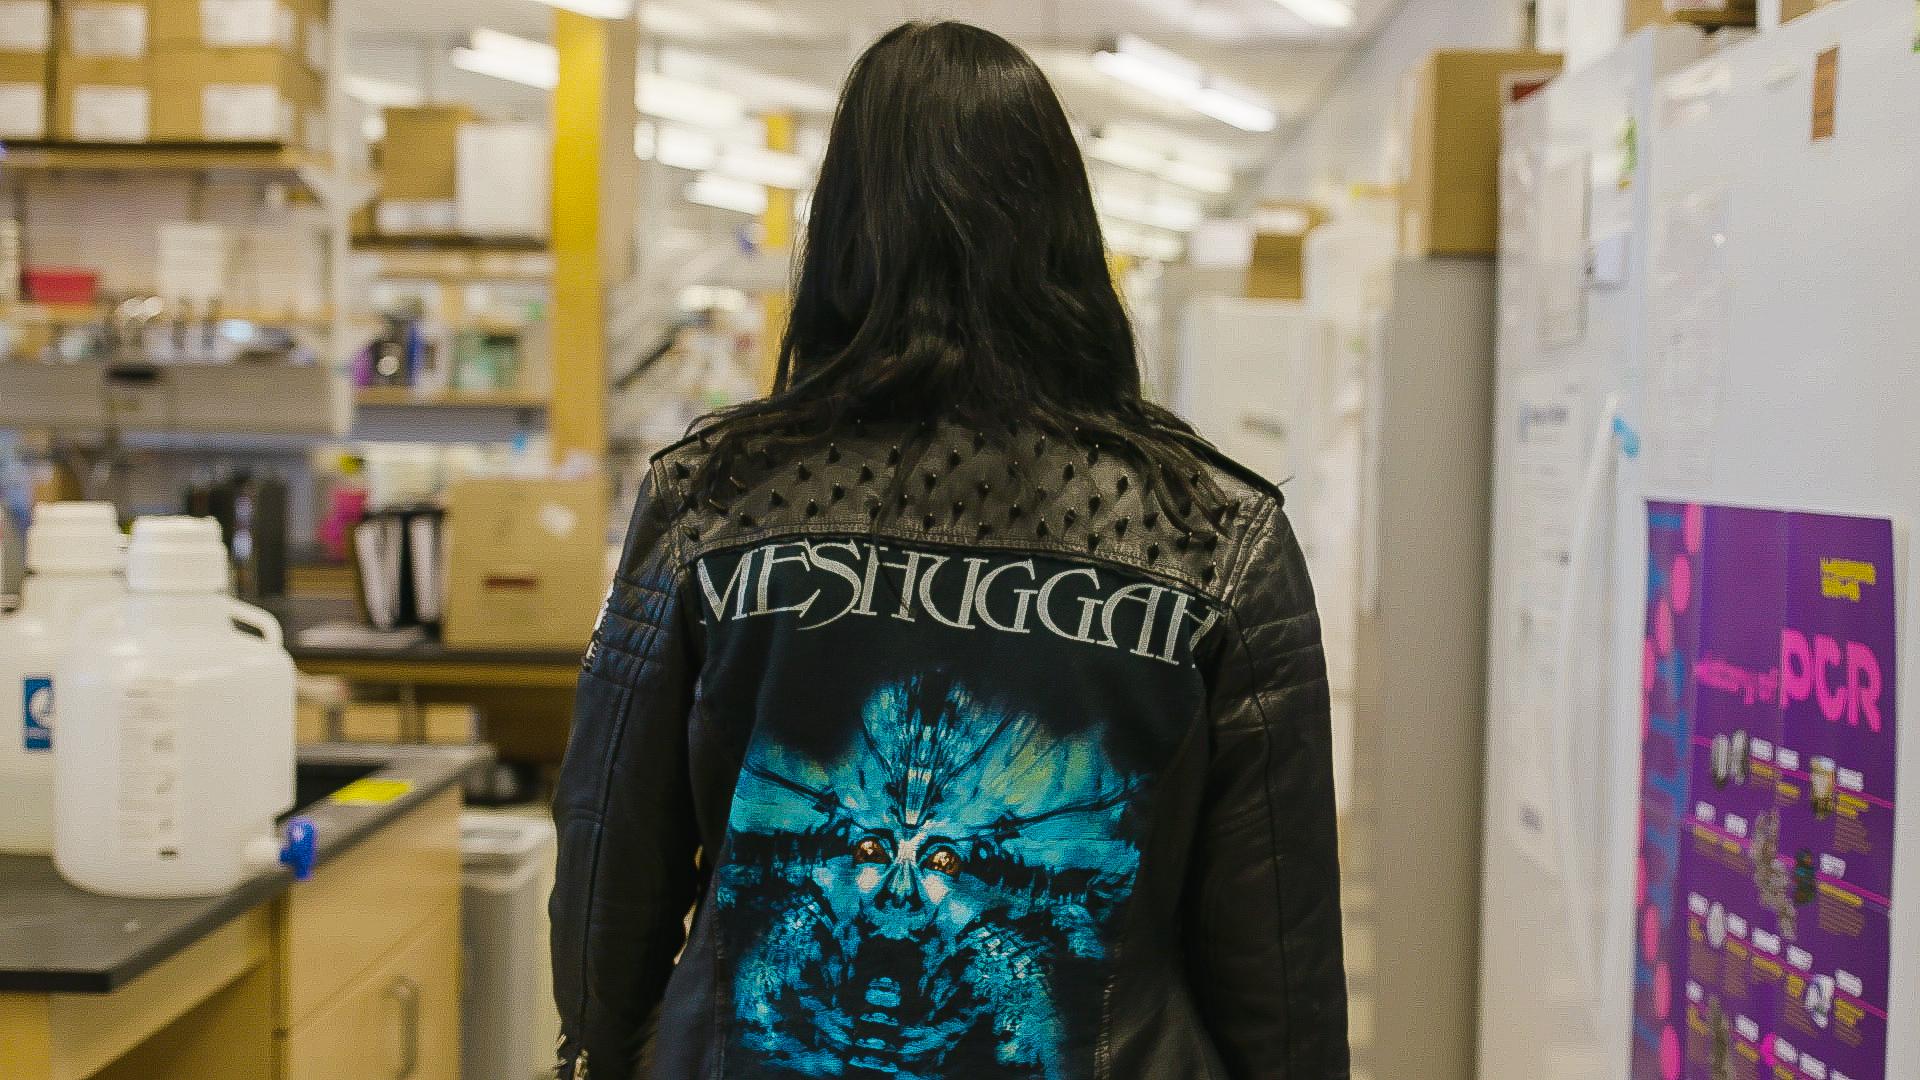 Women in metal jacket walking in lab